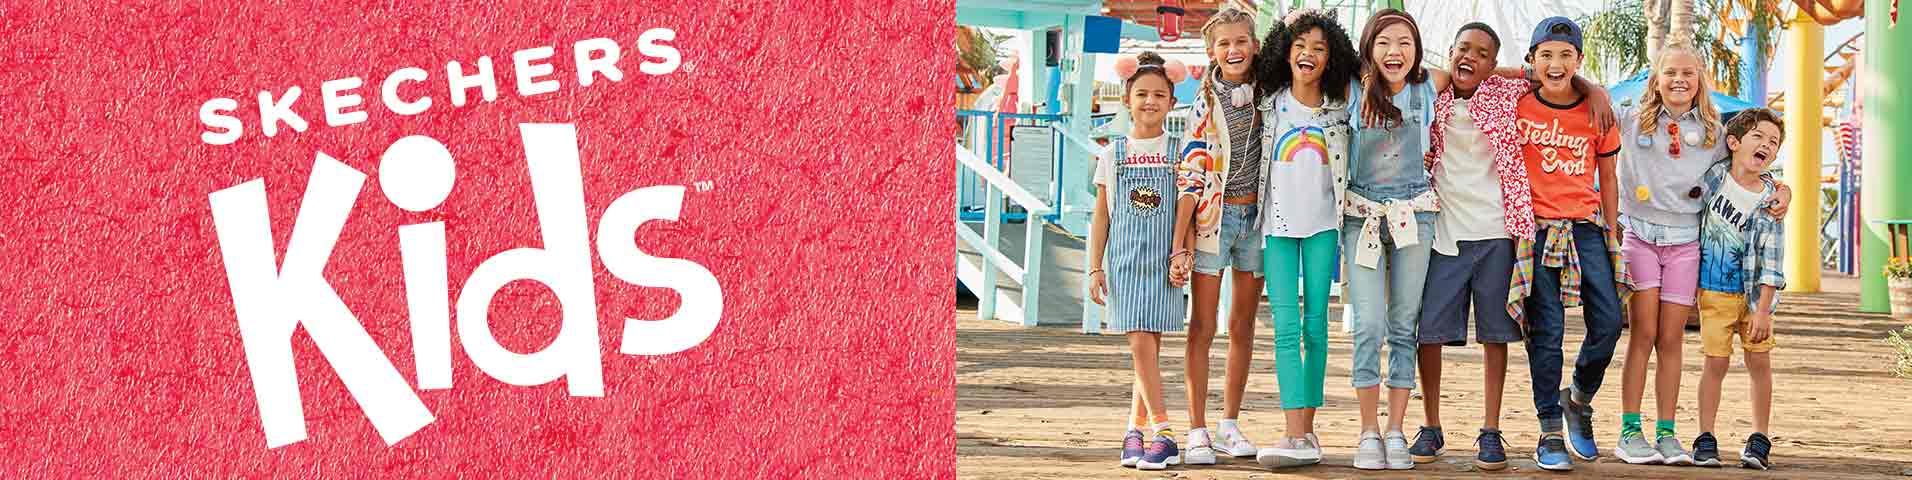 cba16de3c84c0 Buty dla dzieci Skechers zamów w ZALANDO | bezpłatna dostawa